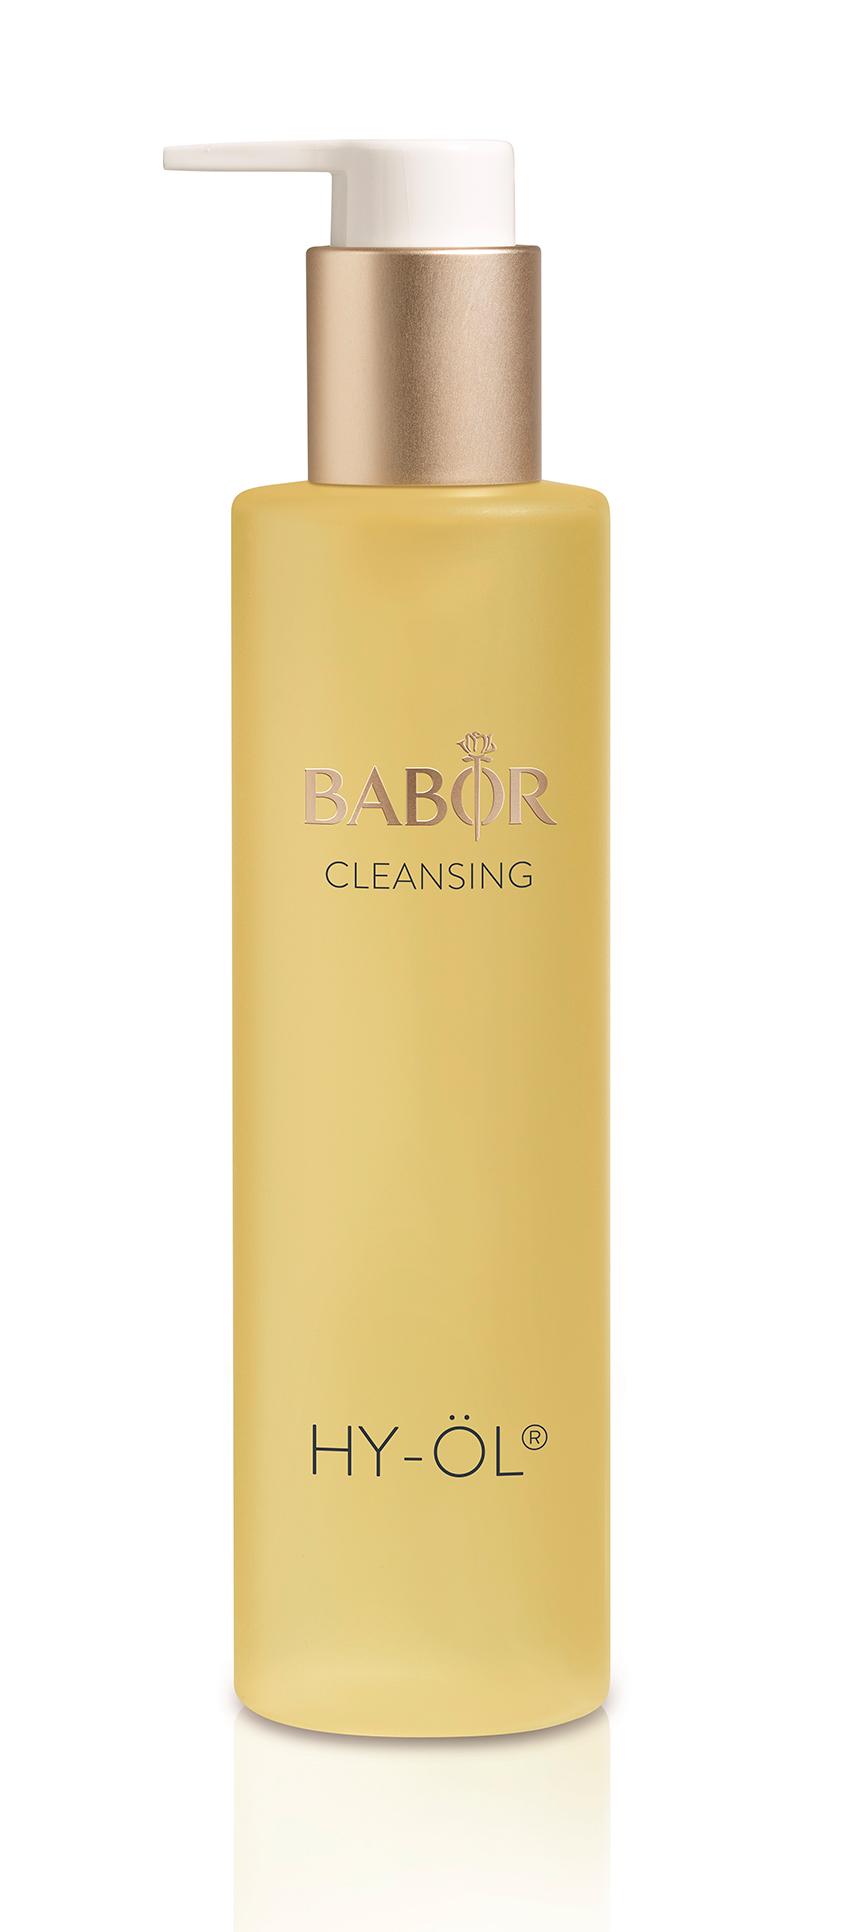 гидрофильное масло babor